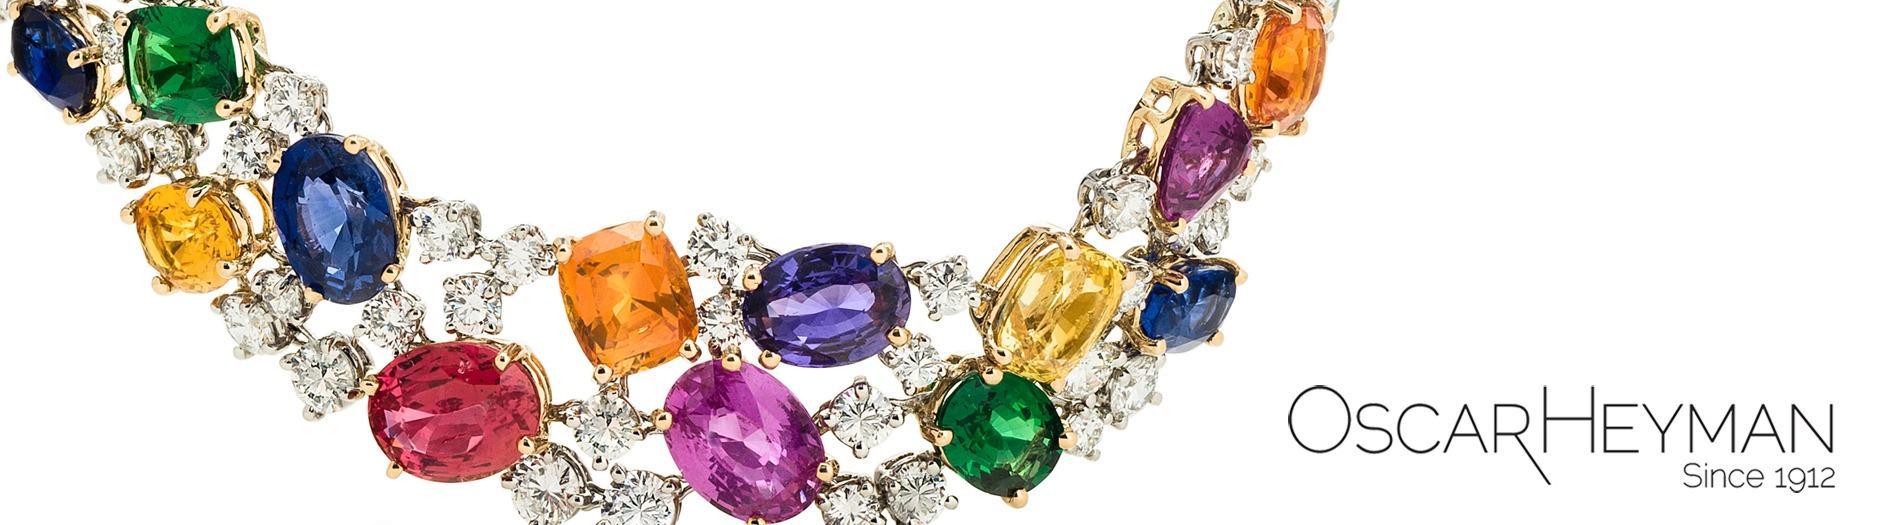 Scheherazade Jewelers image 2